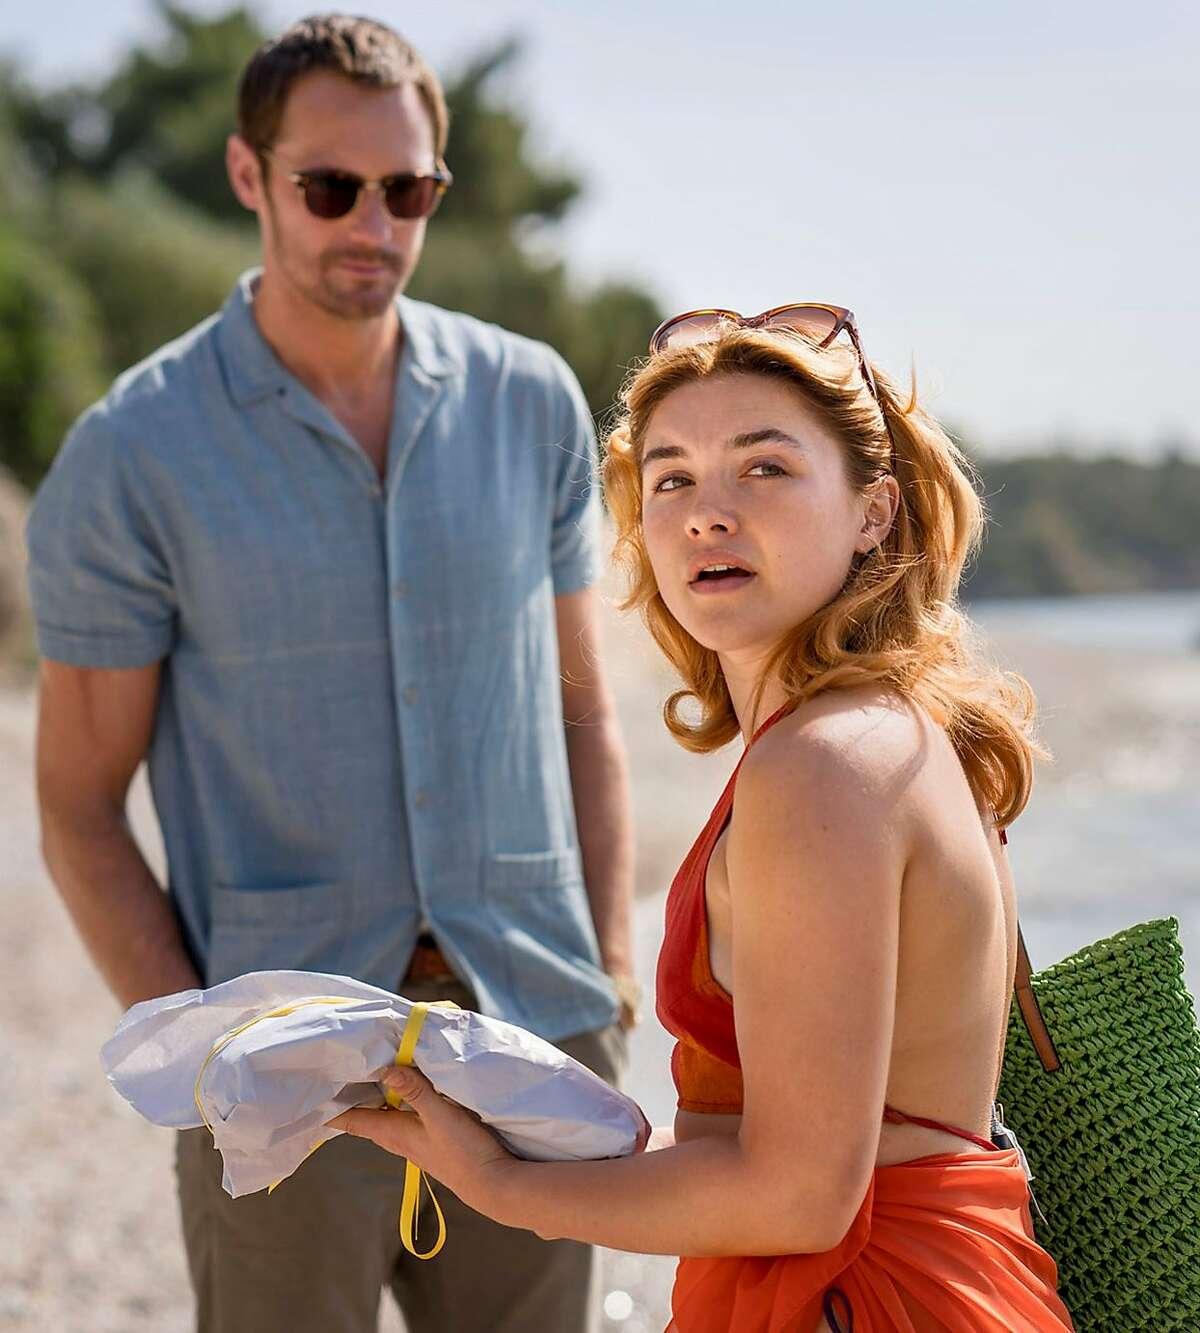 Florence Pugh stars as Charlie opposite Alexander Skarsgard as Becker in the new AMC miniseries